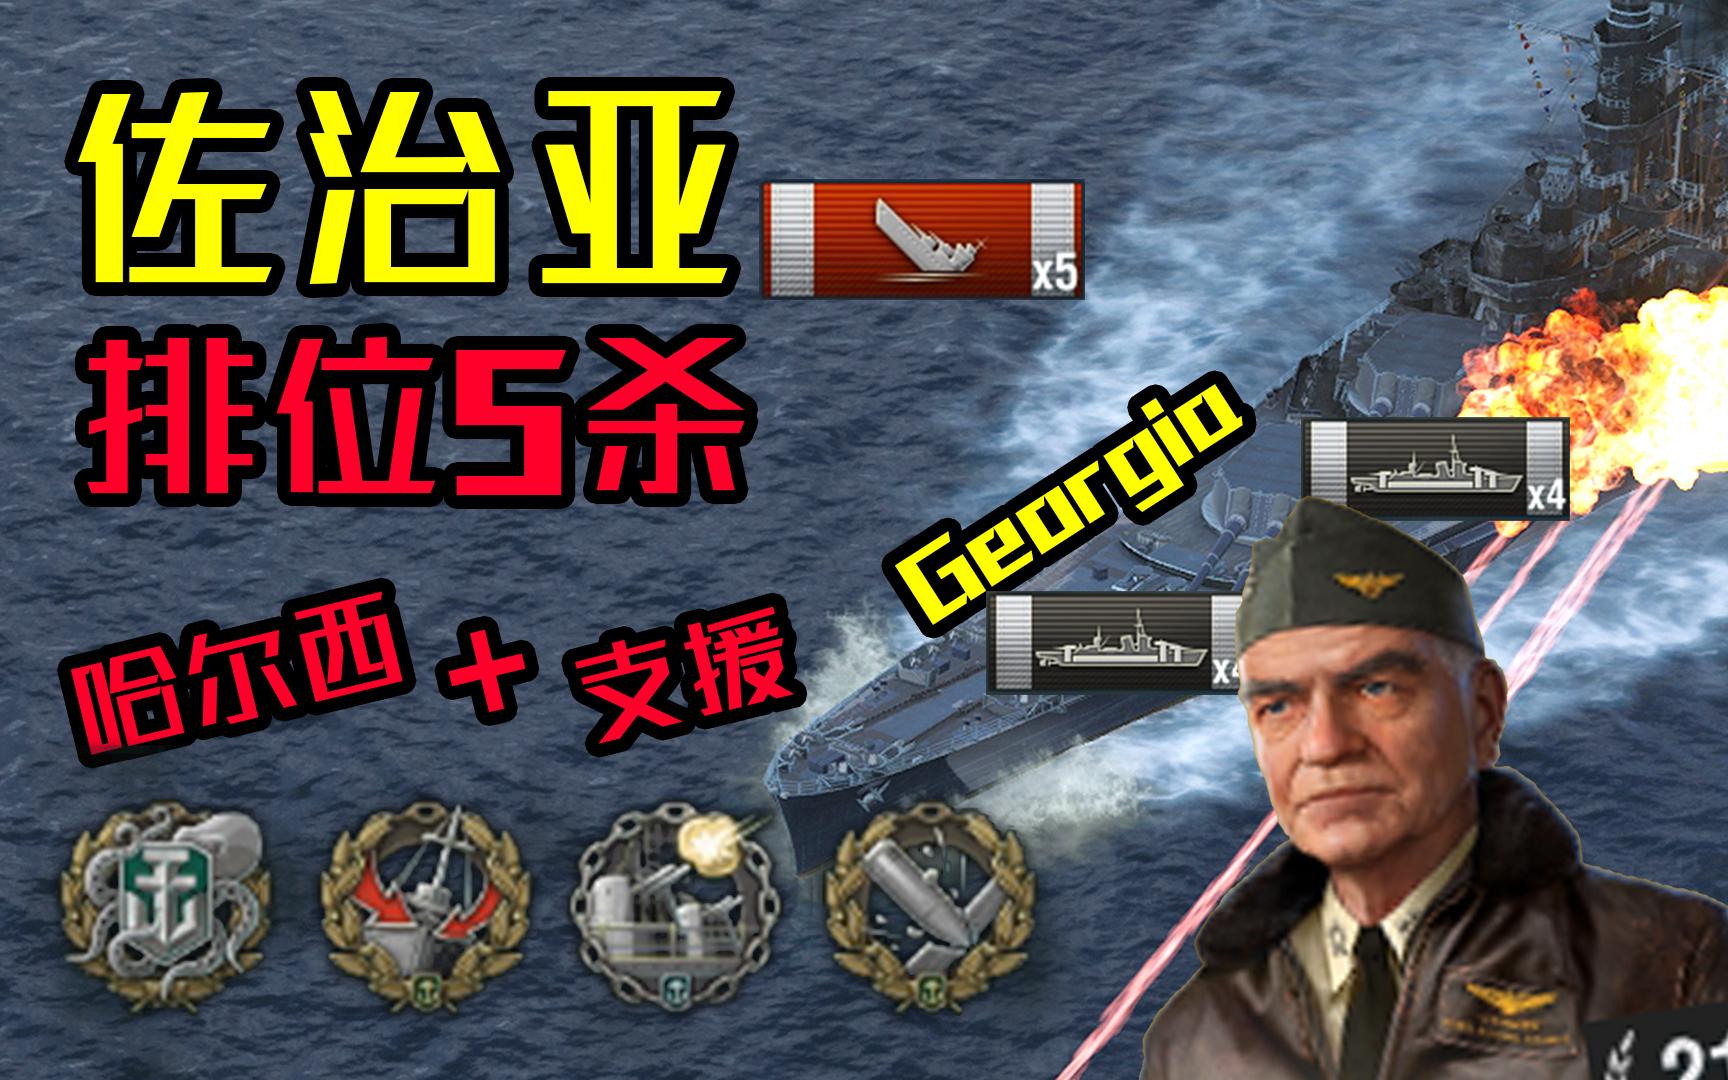 【独家/战舰世界】20s一轮的佐治亚排位5杀!极限拉侧打穿敌人侧舷!佐治亚排位战斗实况【QPC】